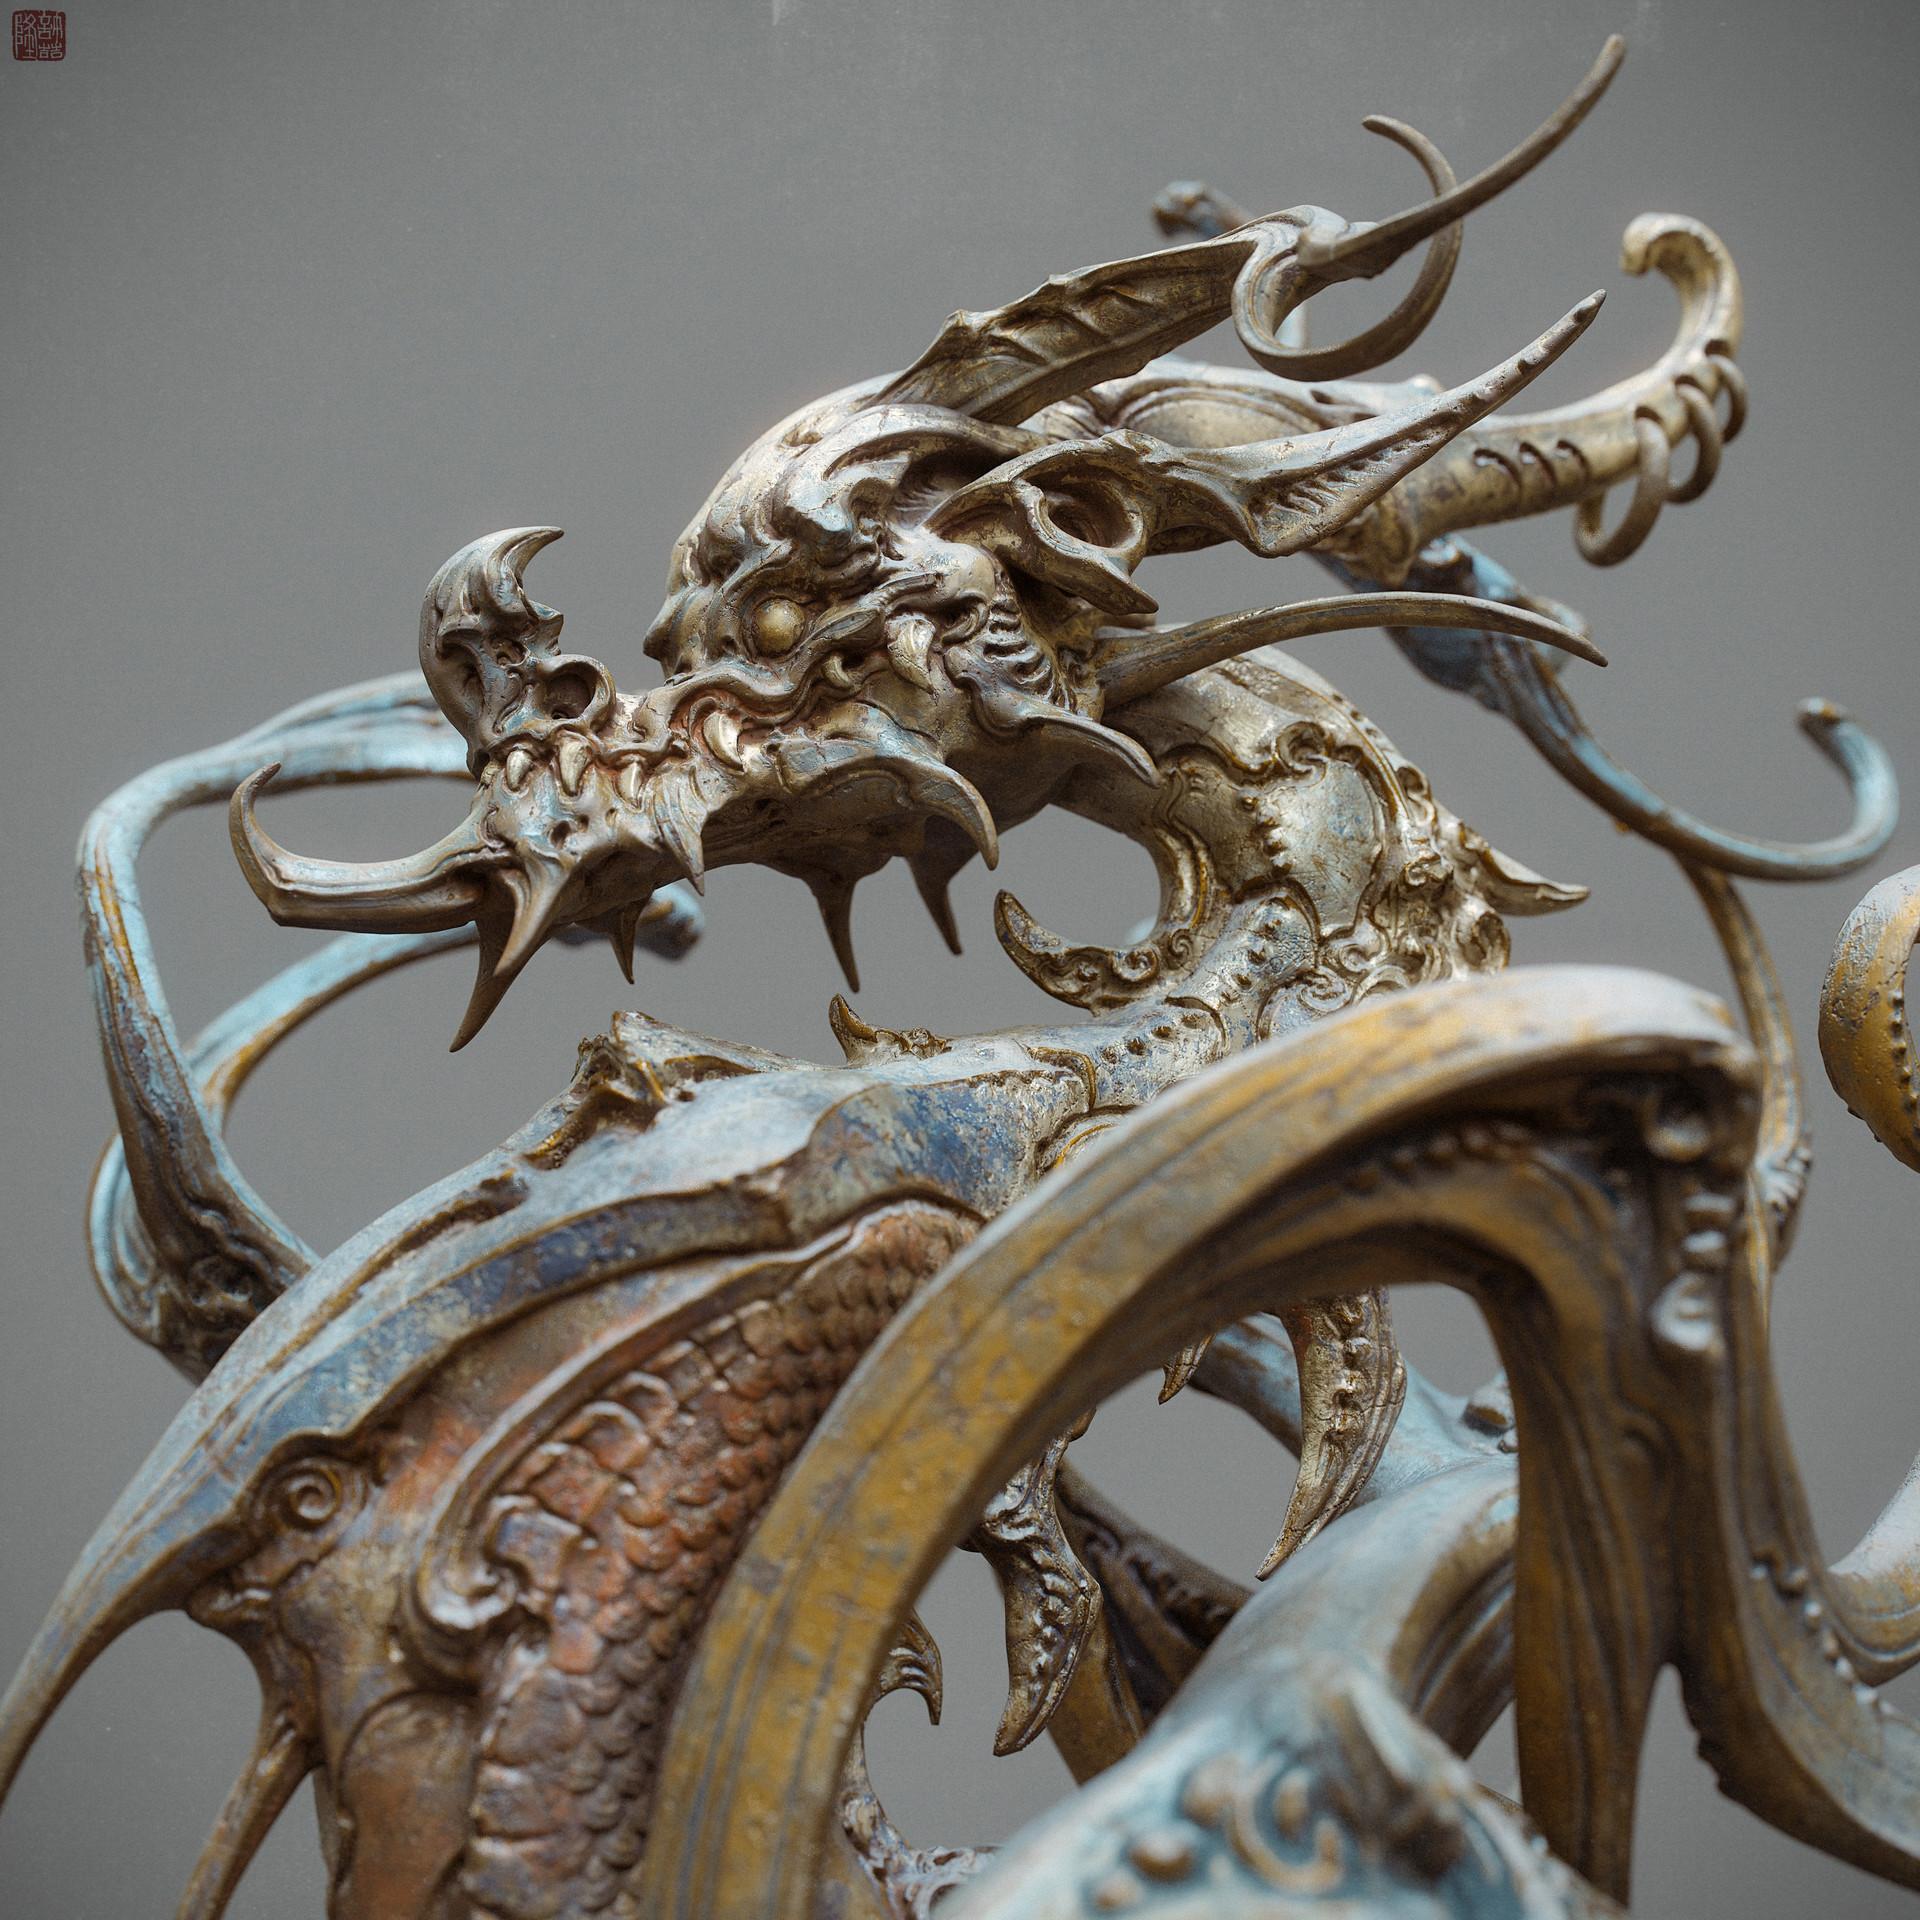 Zhelong xu zhelong xu drgaon statue04 websize